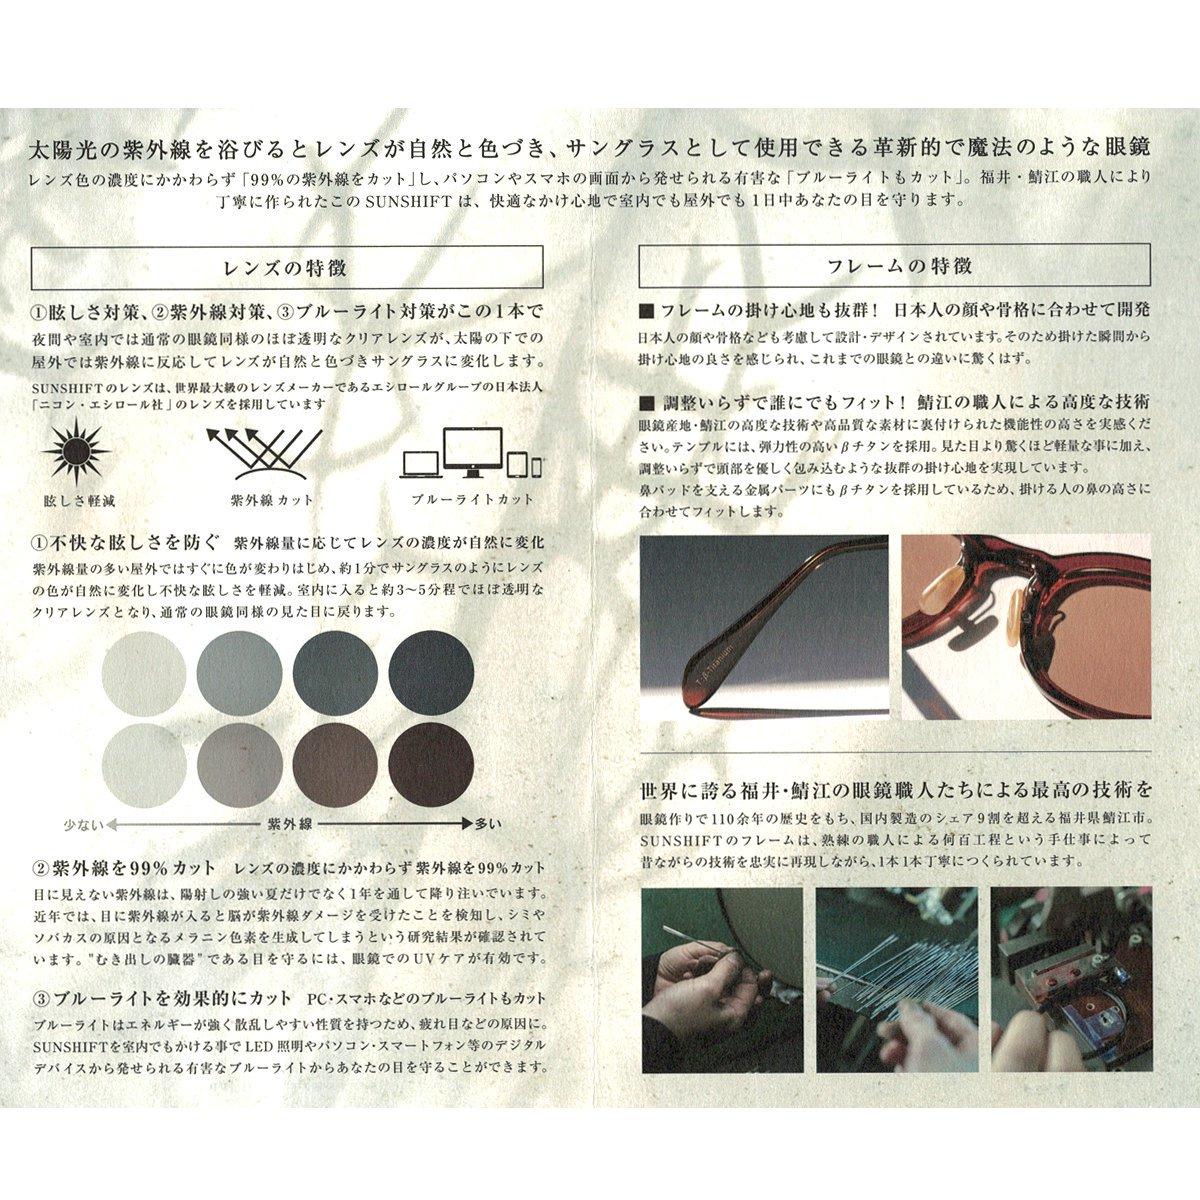 Et baas × BJ CLASSIC SUNSHIFT S-SIRMONT 詳細画像20